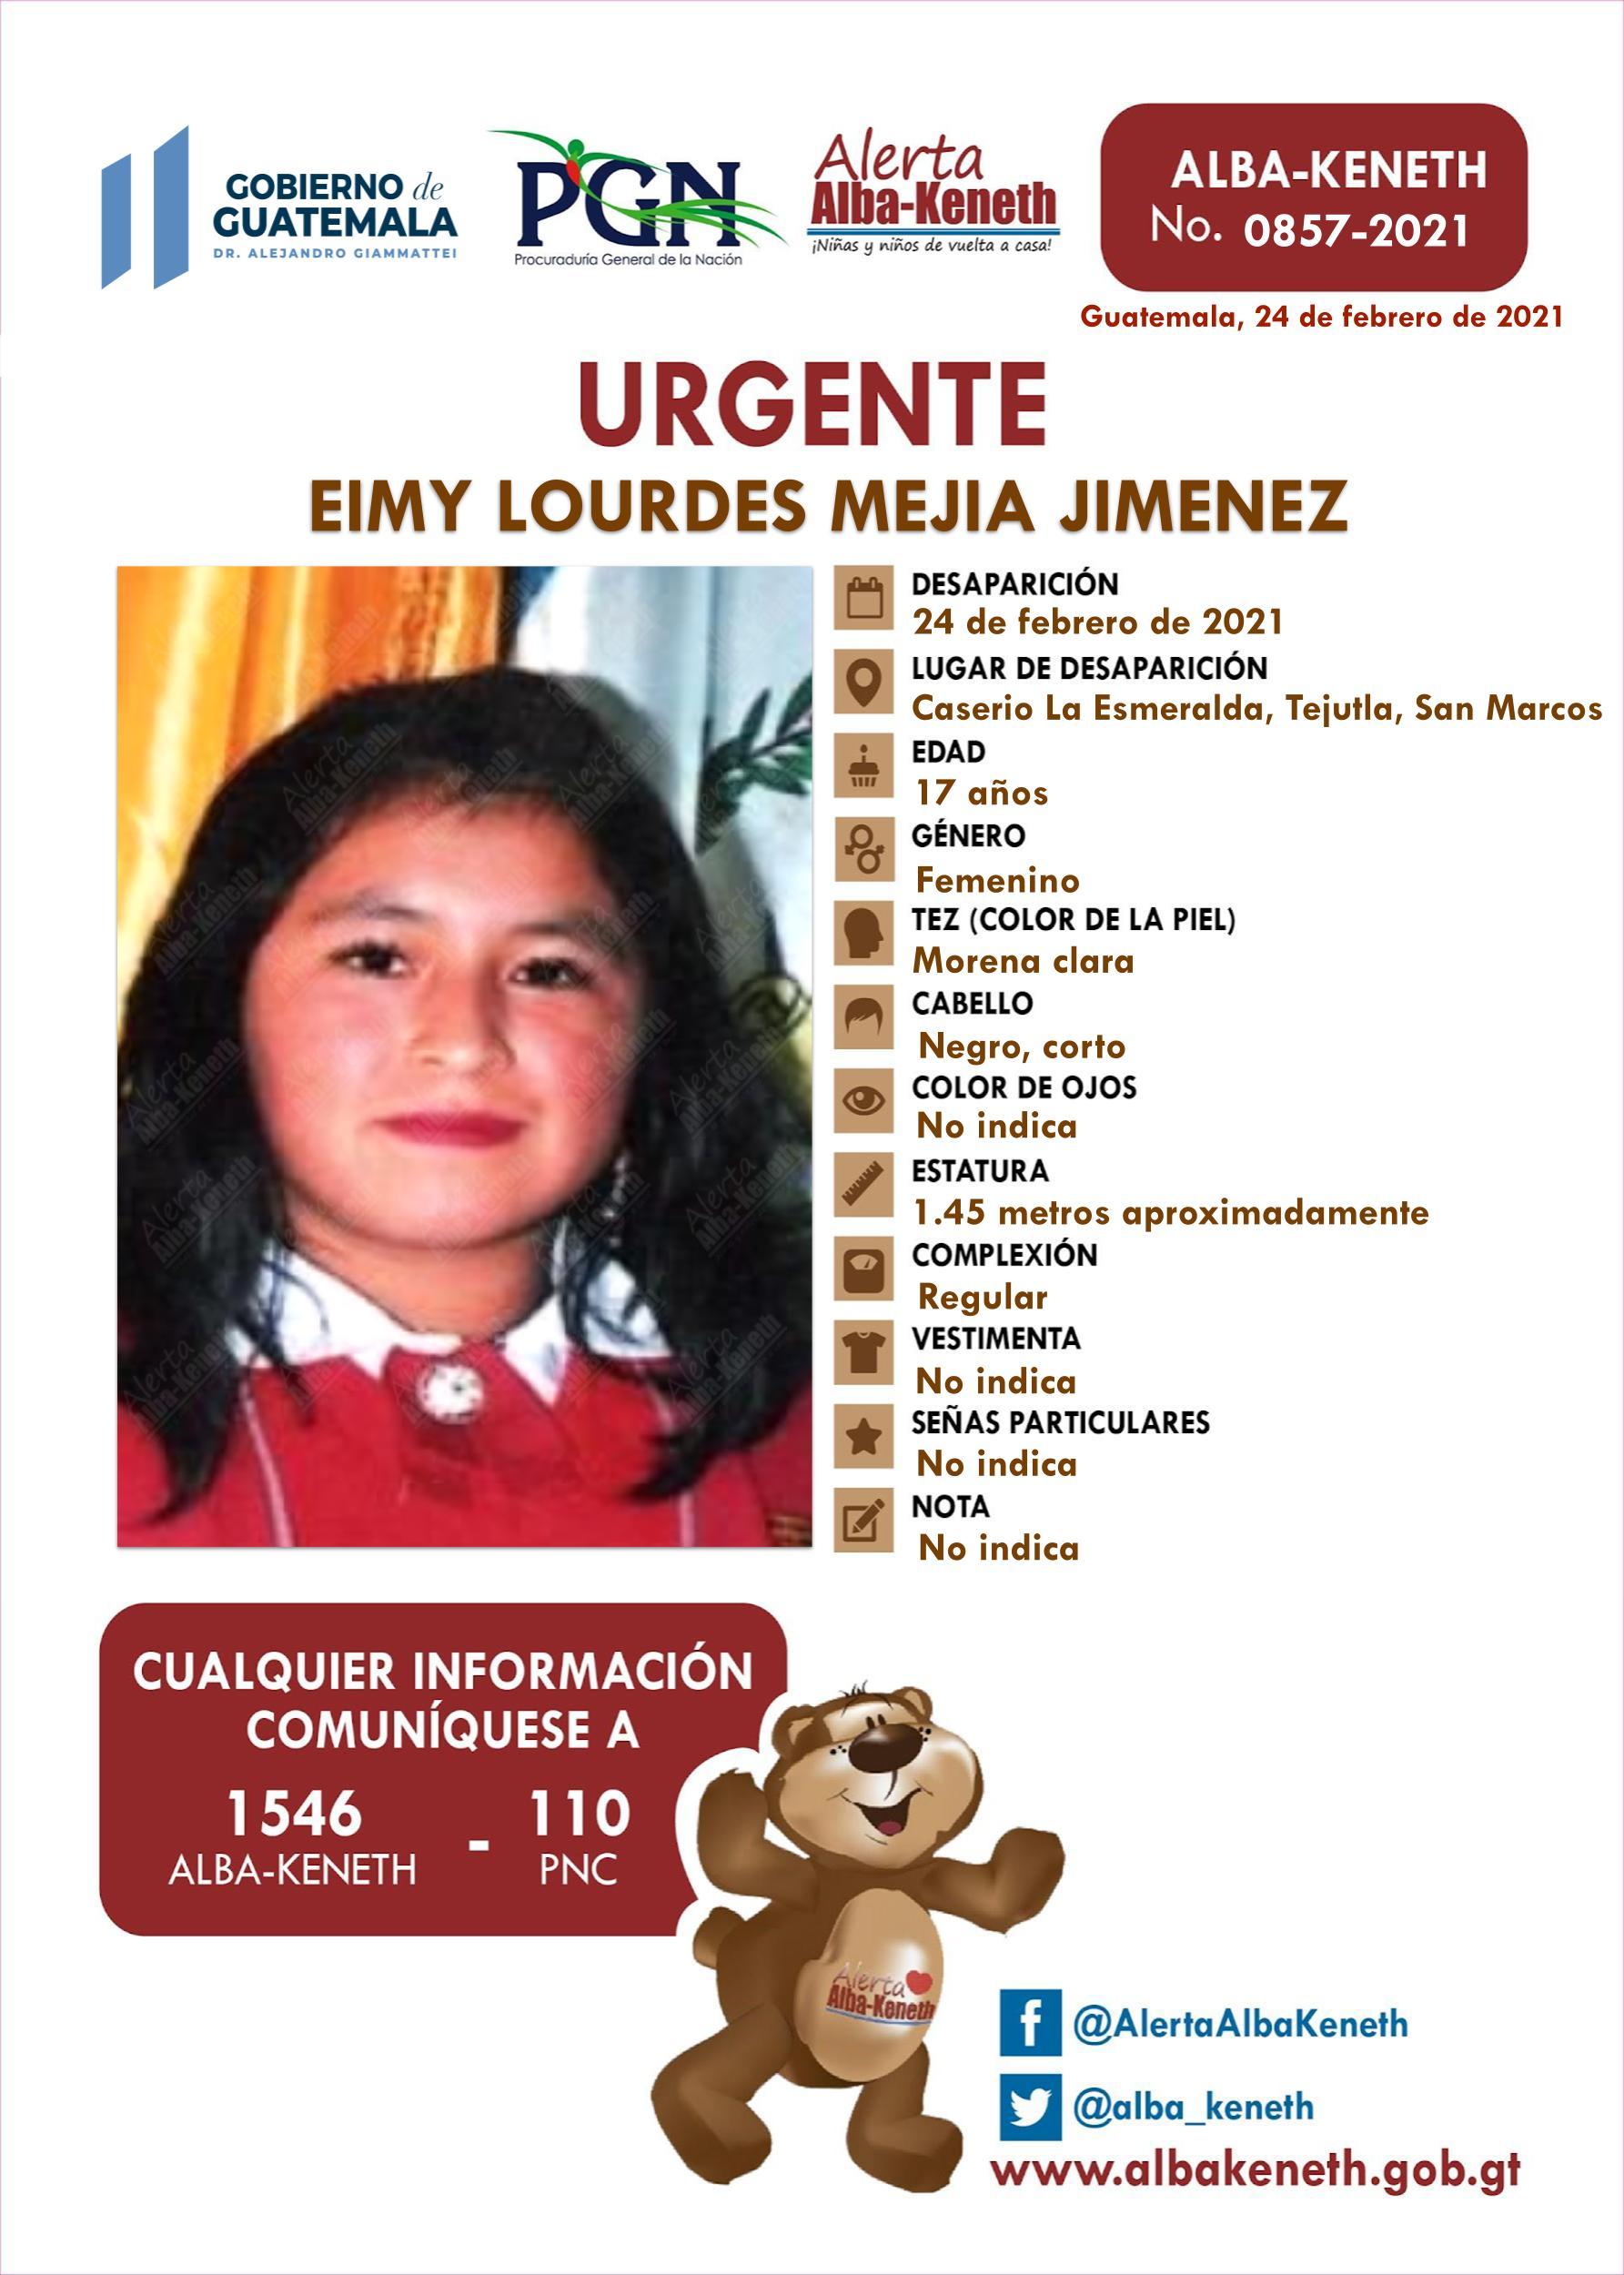 Eimy Lourdes Mejia Jimenez